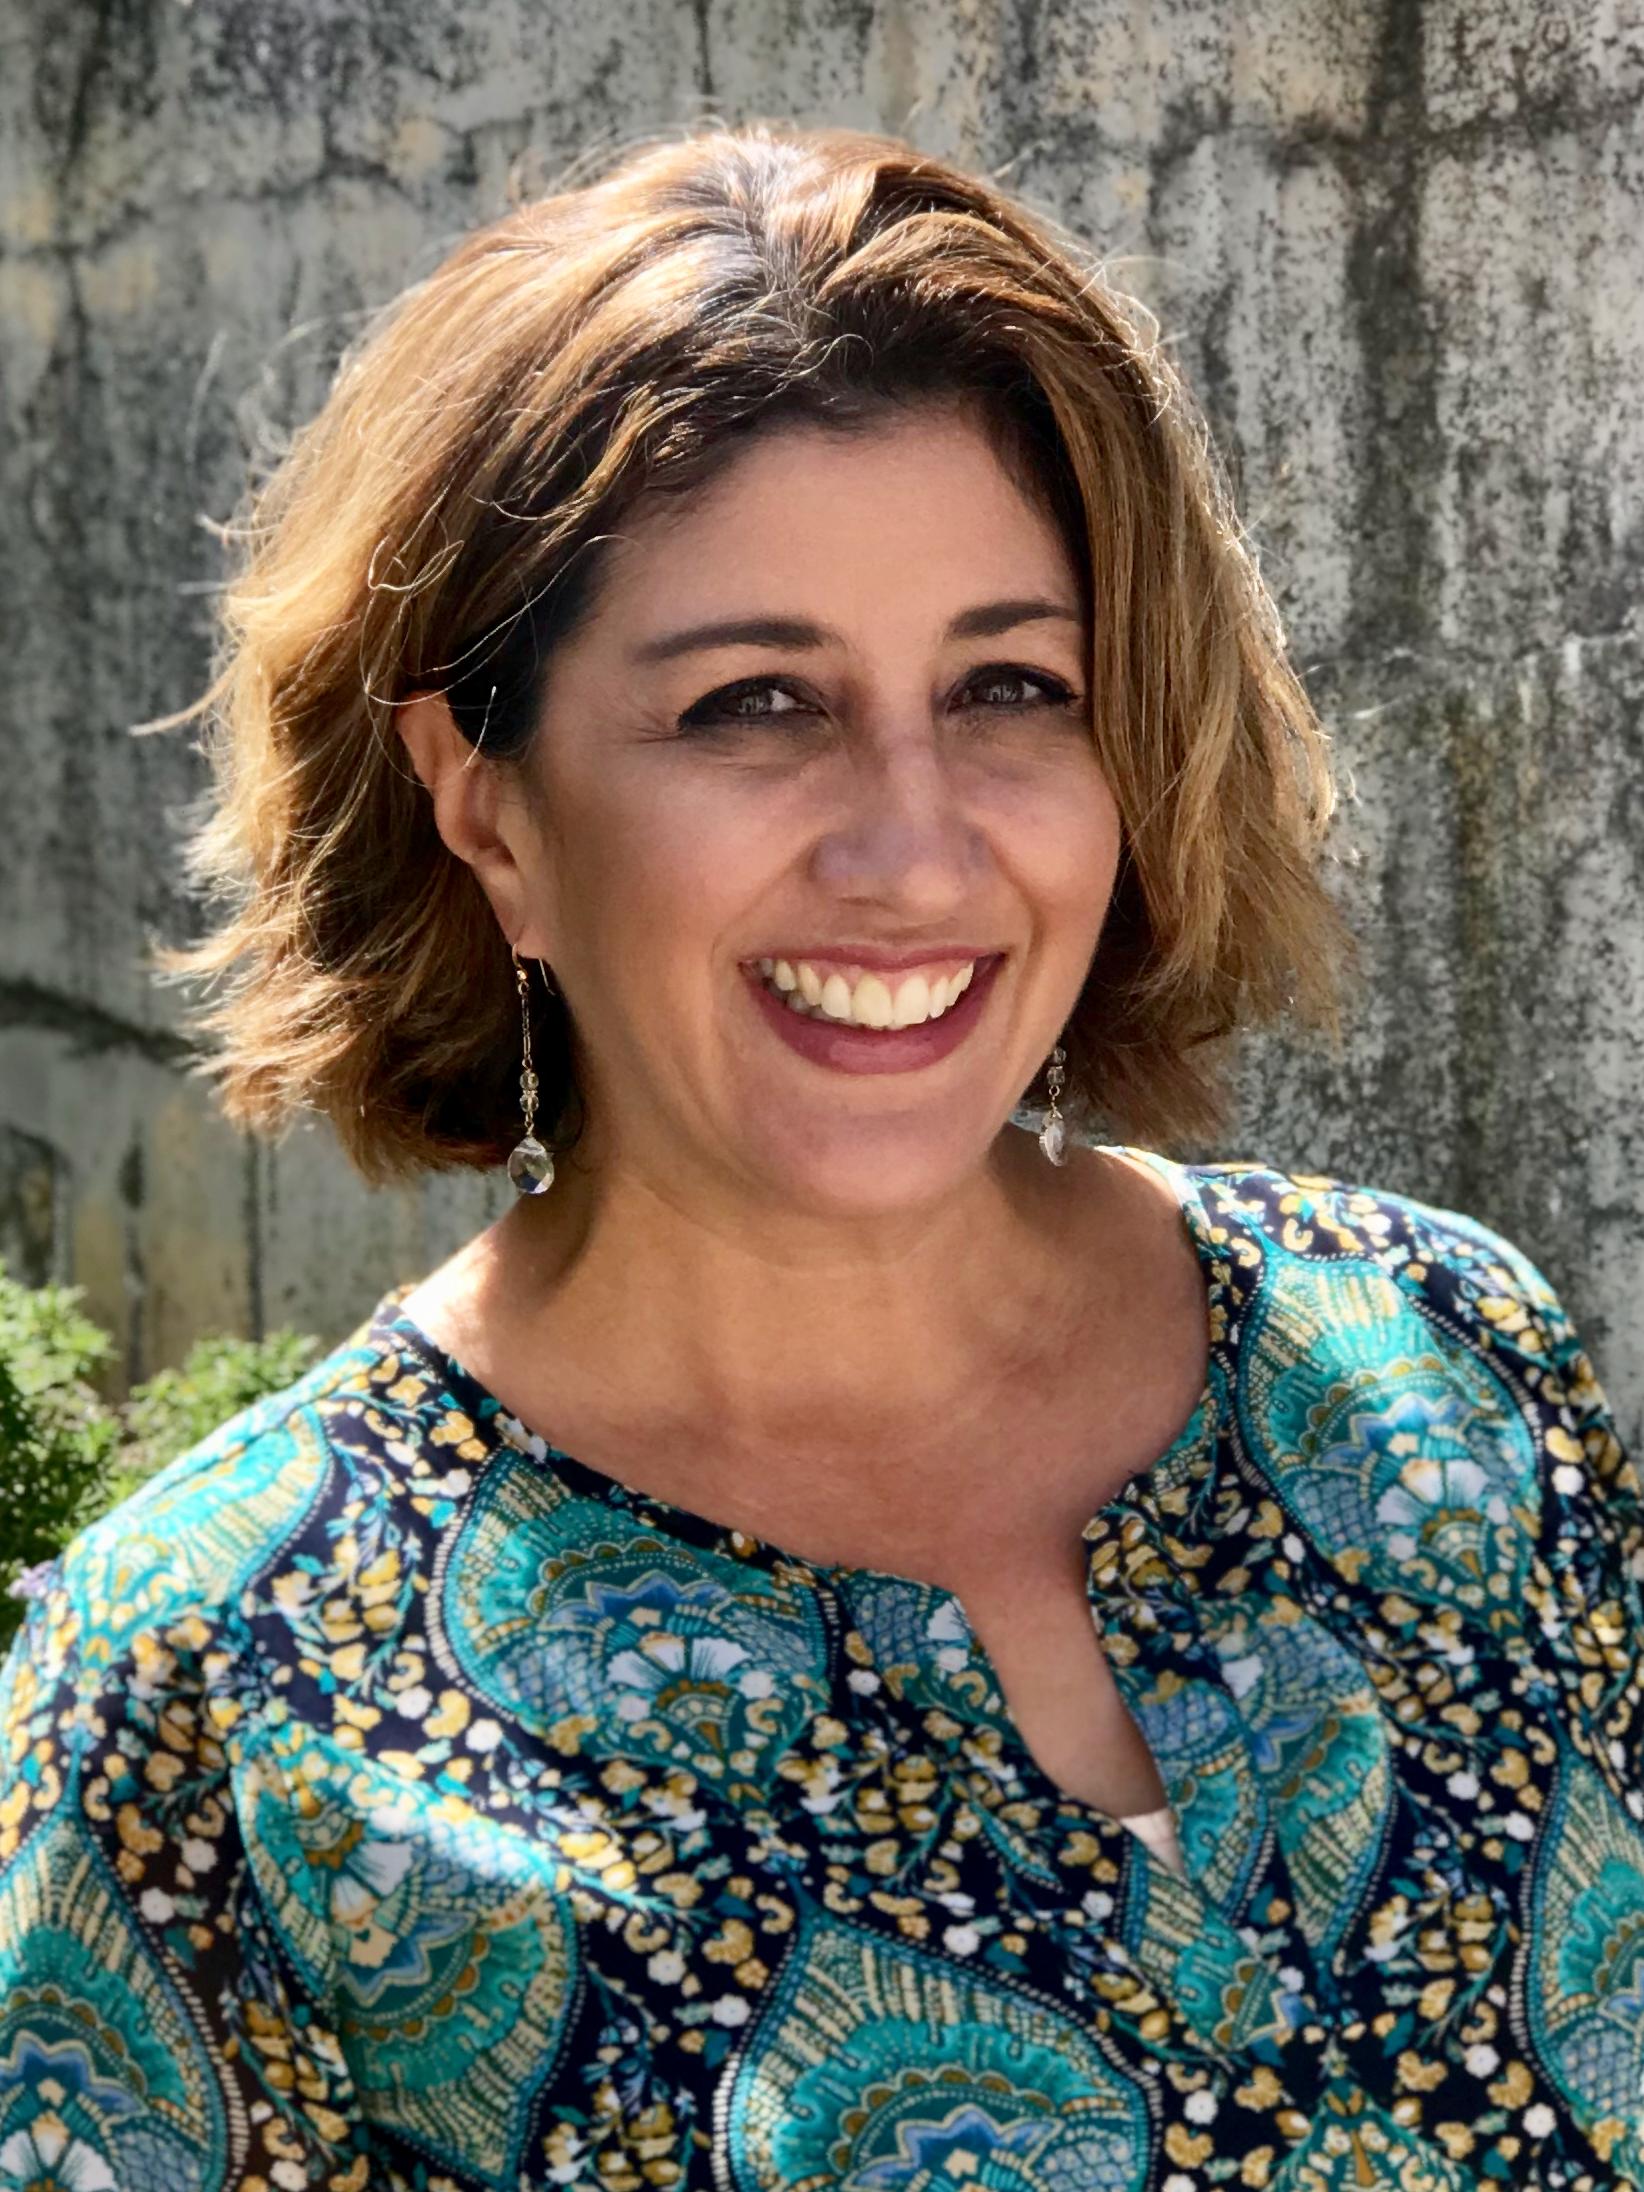 Lia Cabello